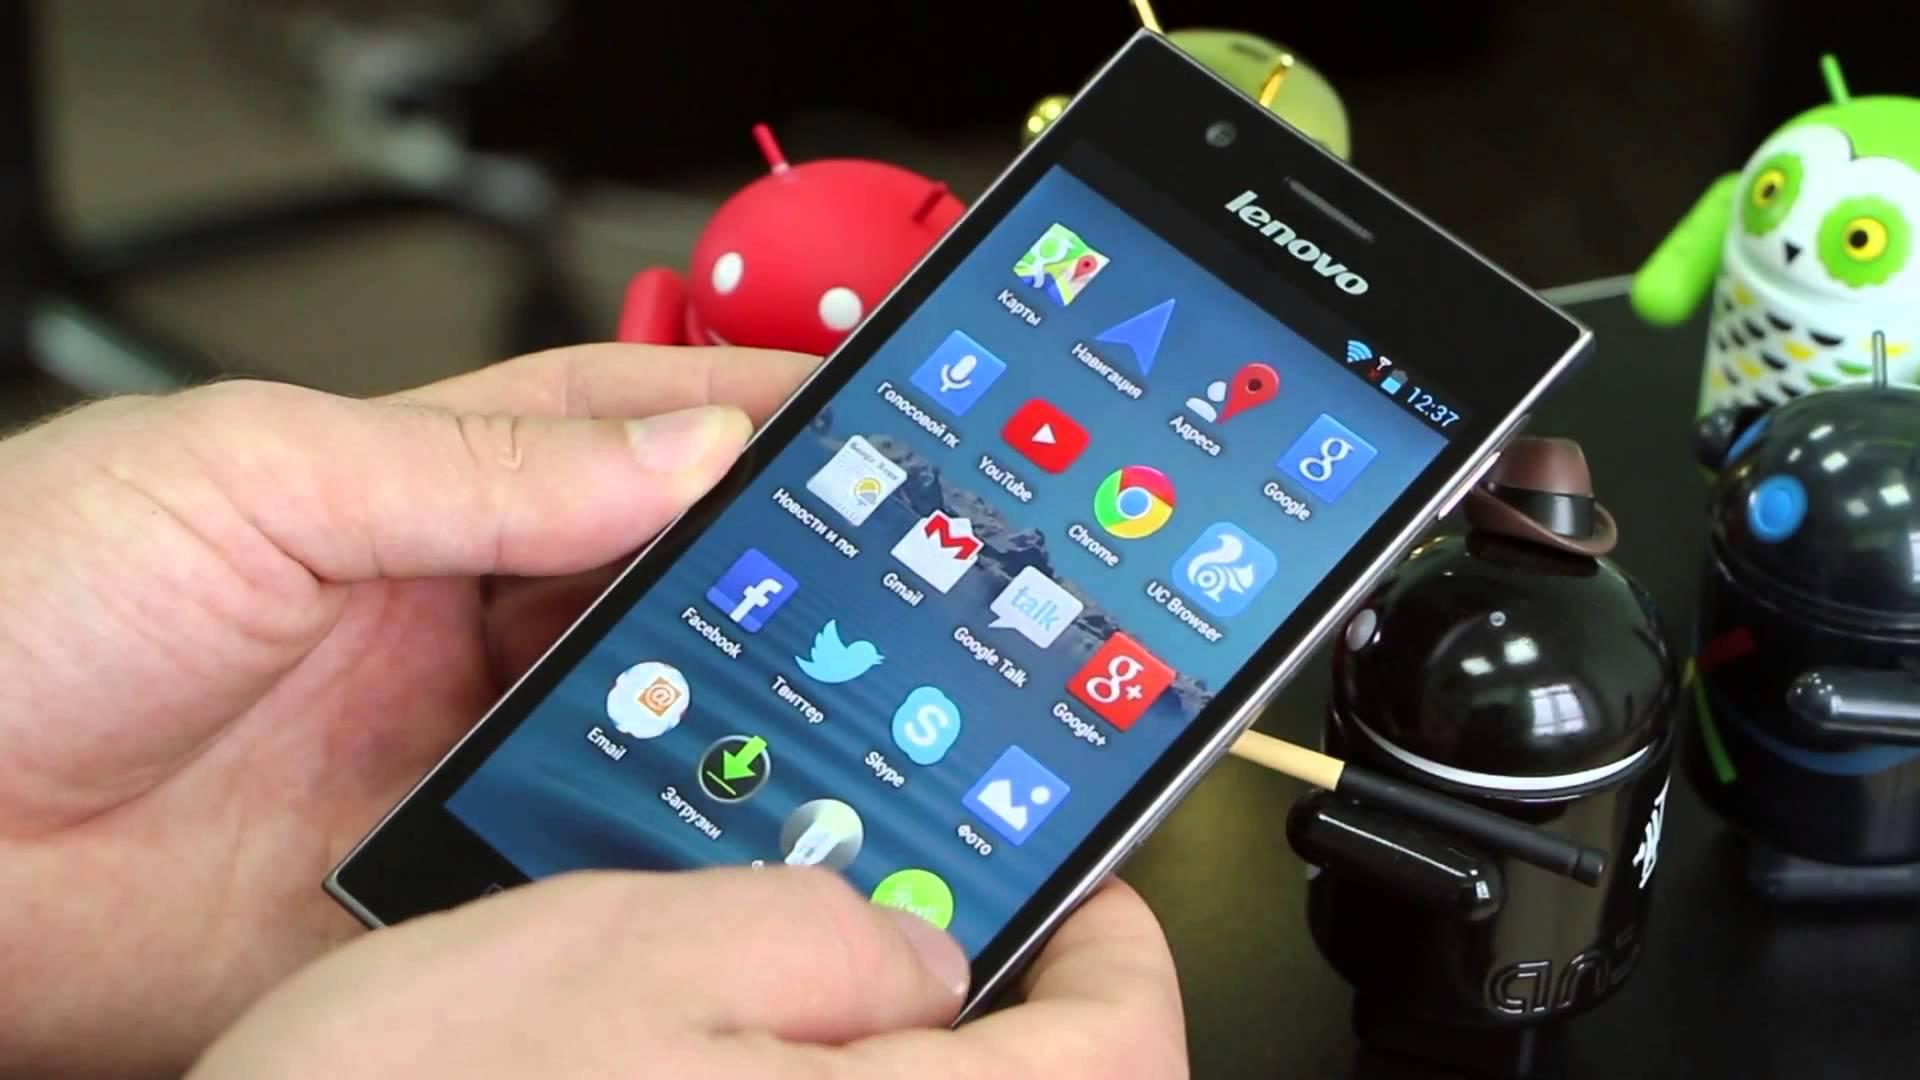 lenovo k900 - Lenovo công bố nhà phân phối smartphone mới tại thị trường Việt Nam